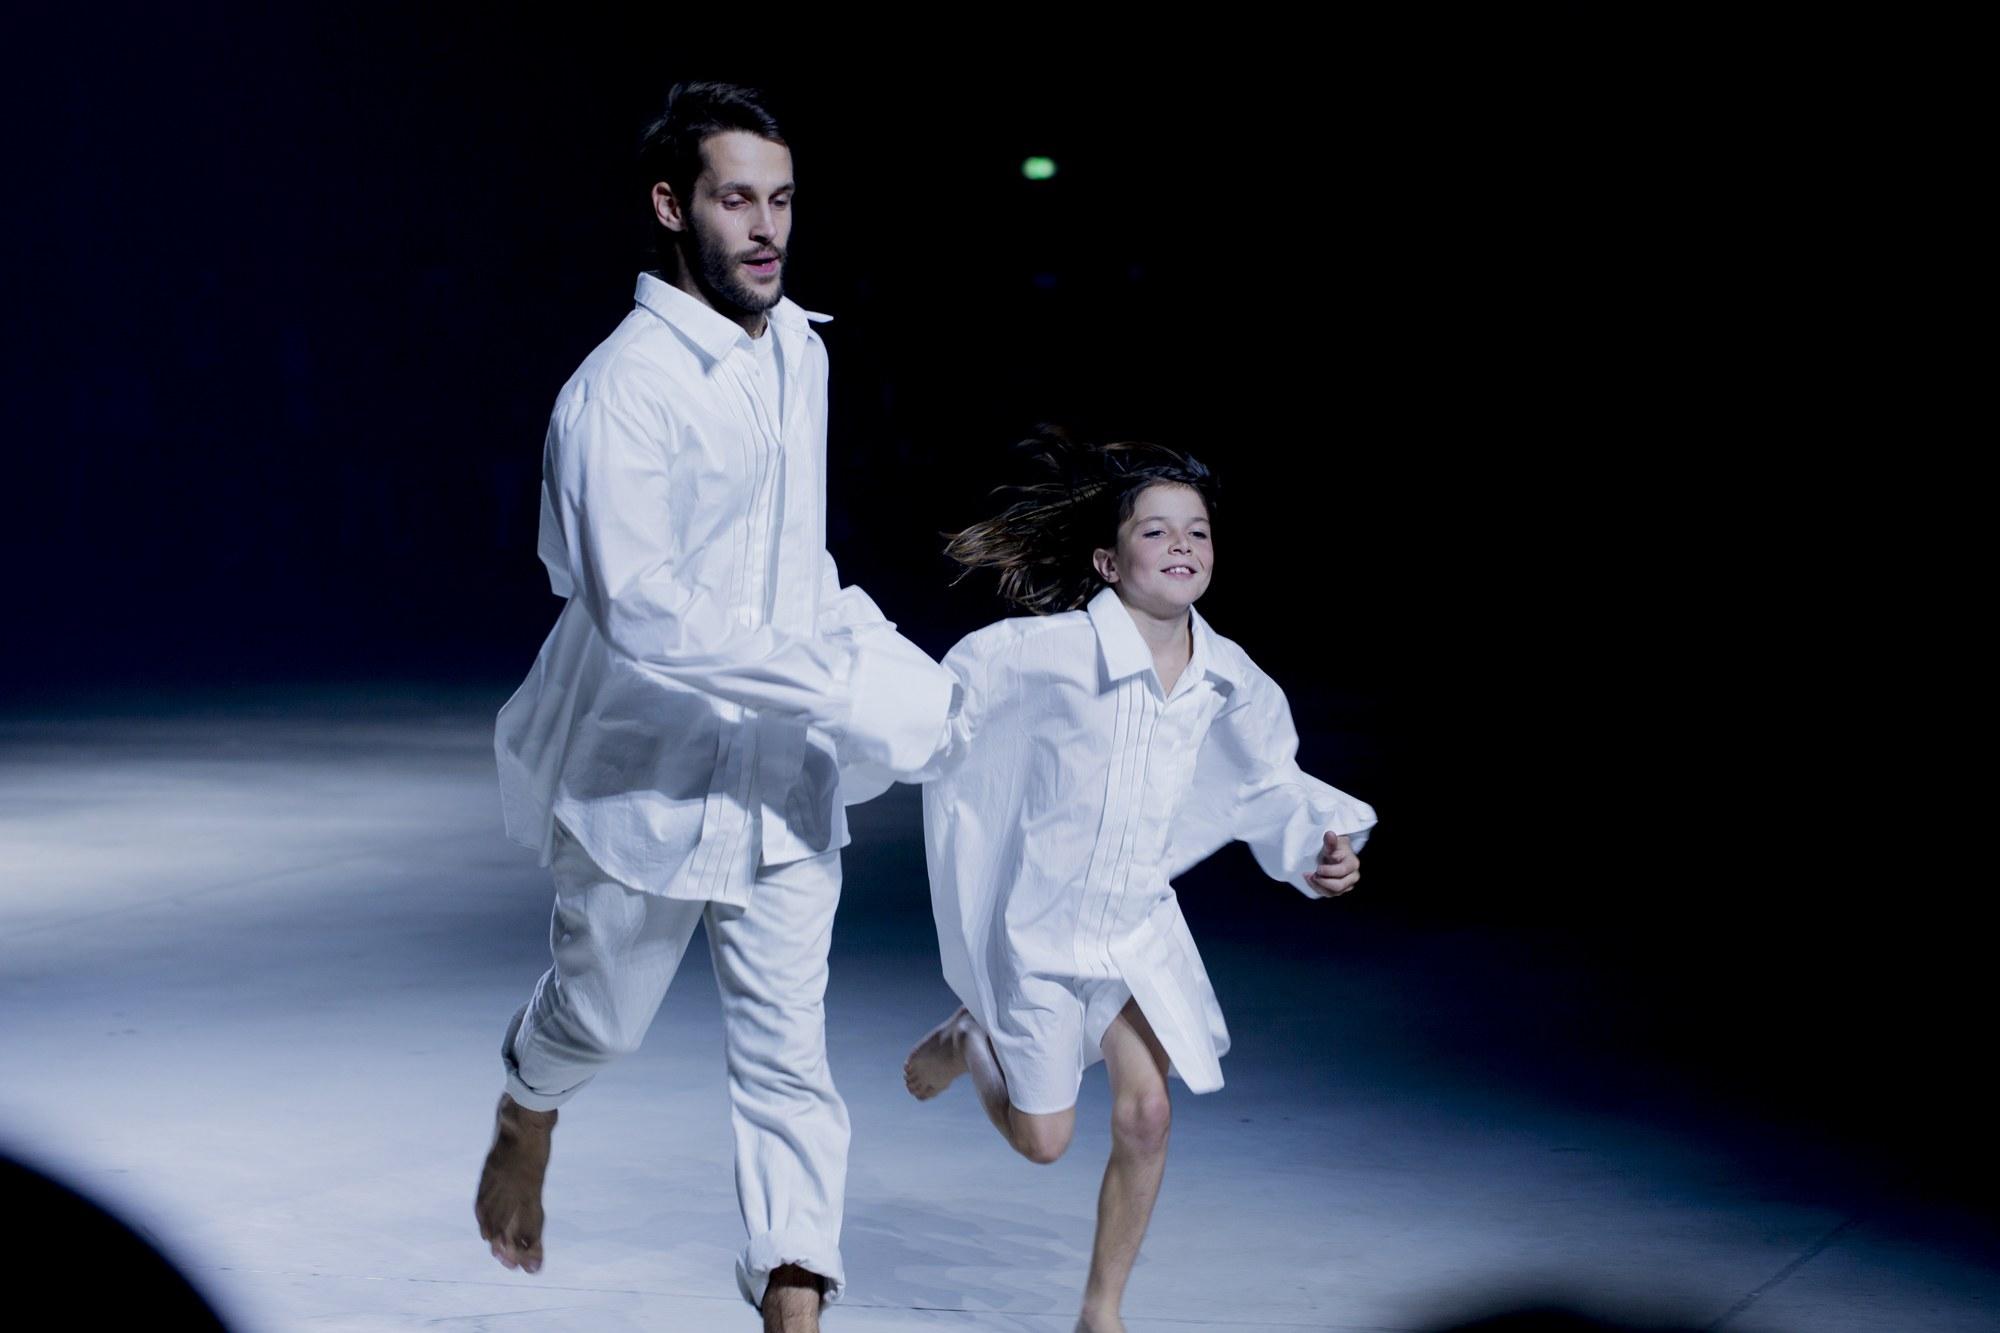 nhà thiết kế Jacquemus trên sàn diễn thời trang